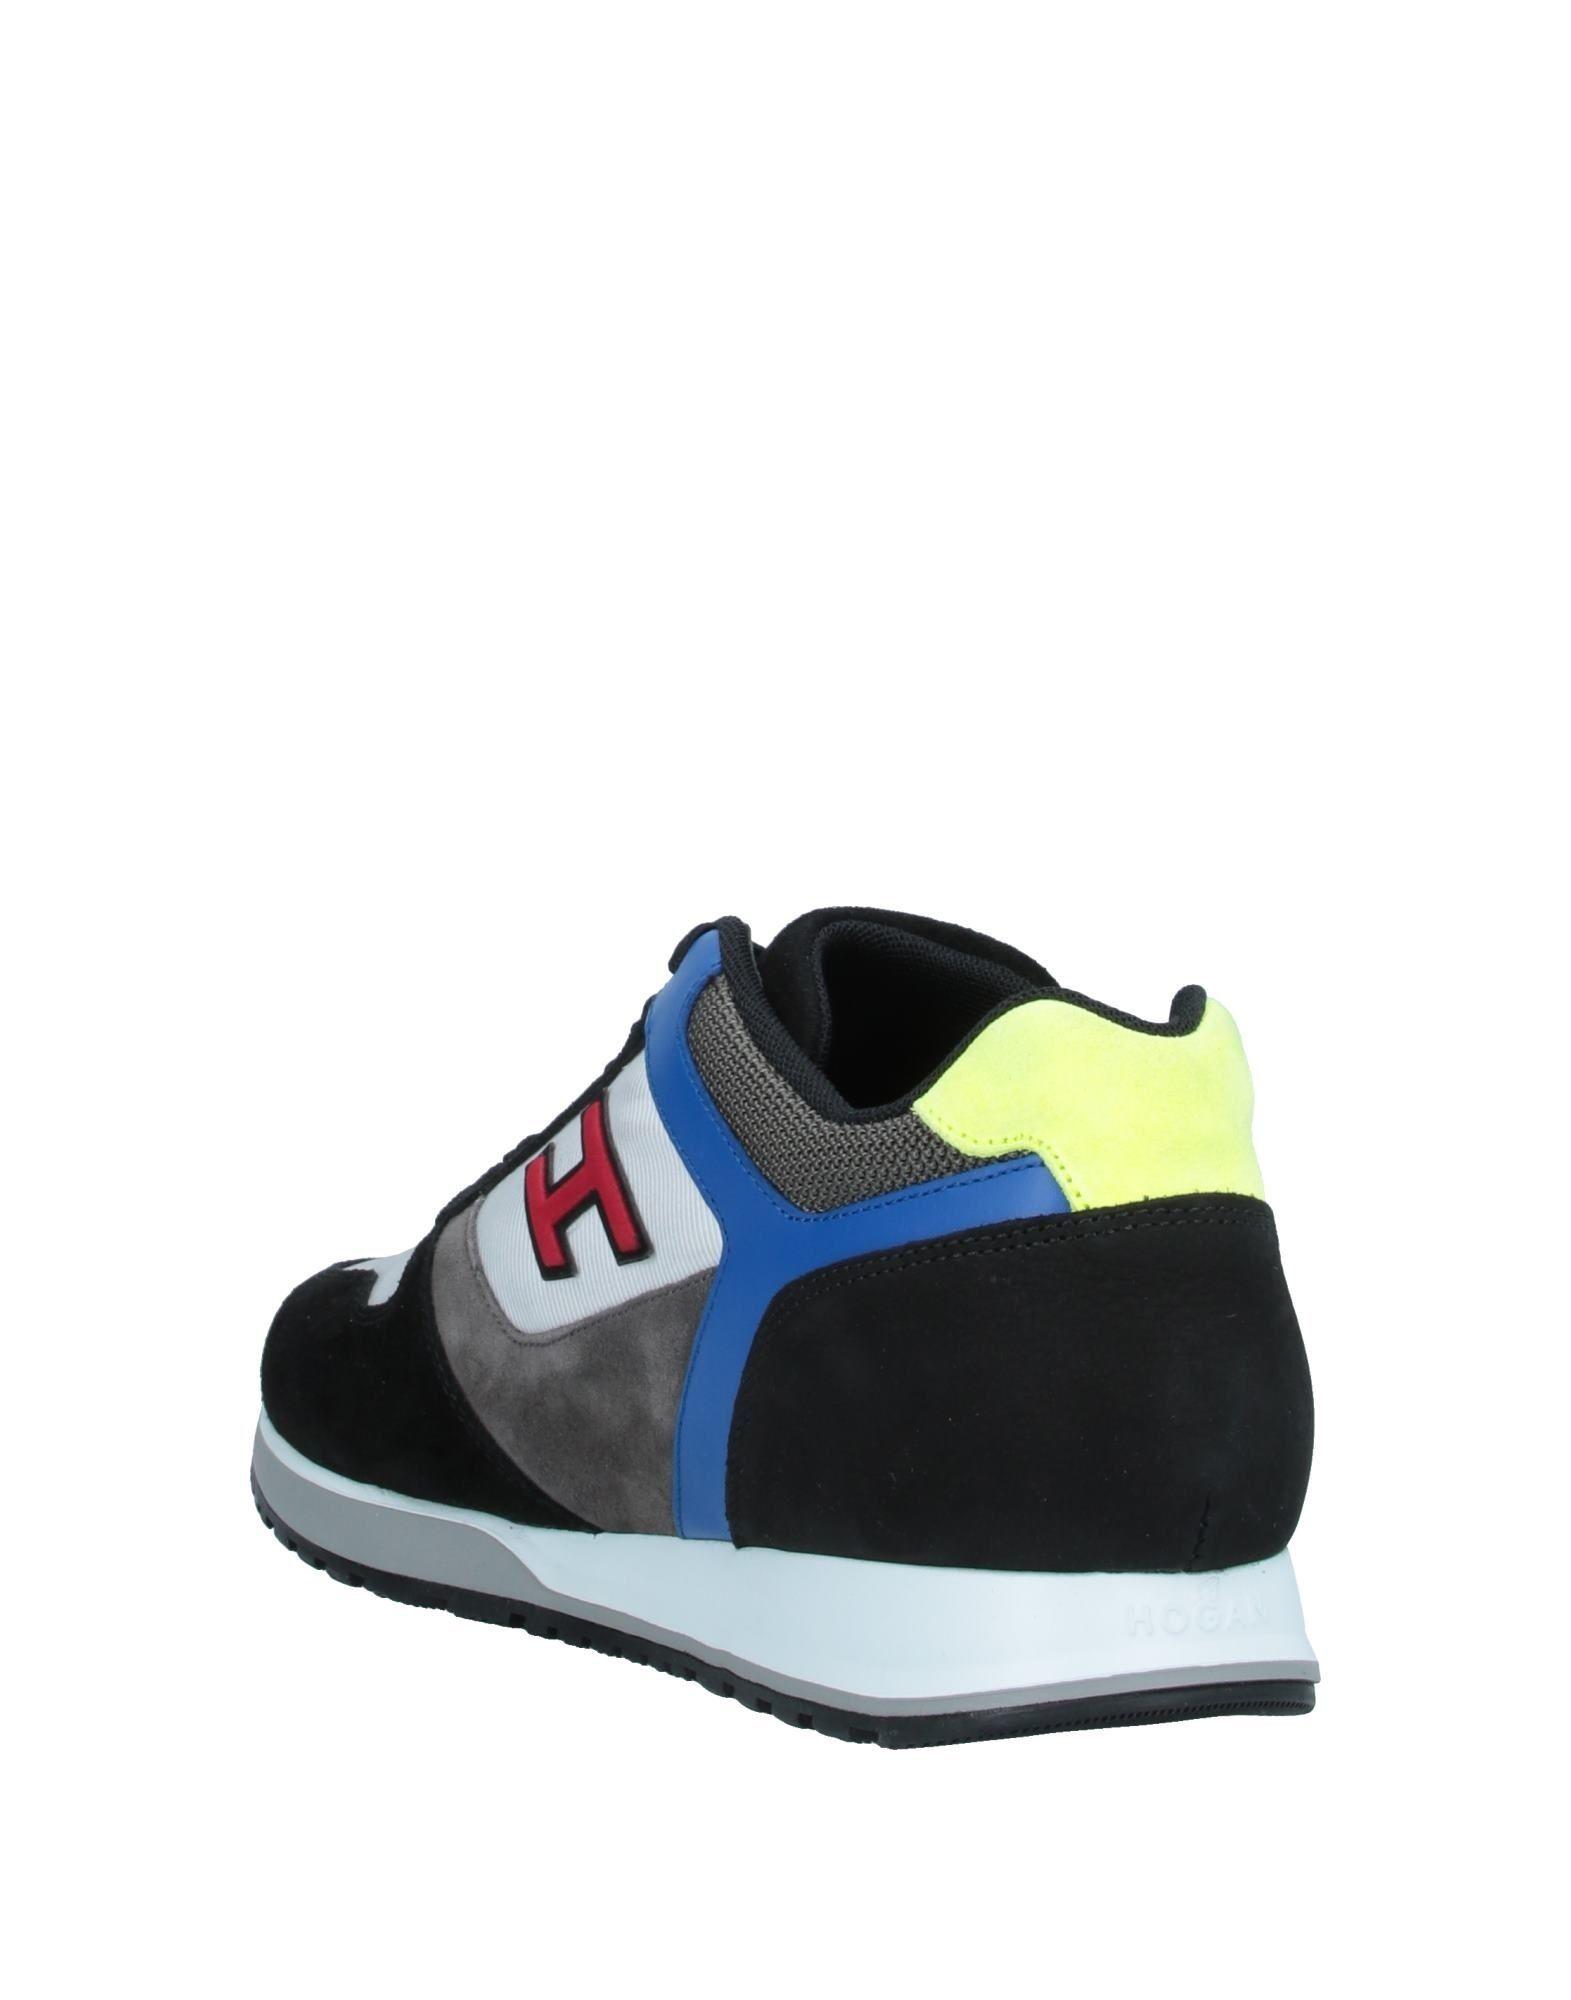 Hogan Black Leather Sneakers